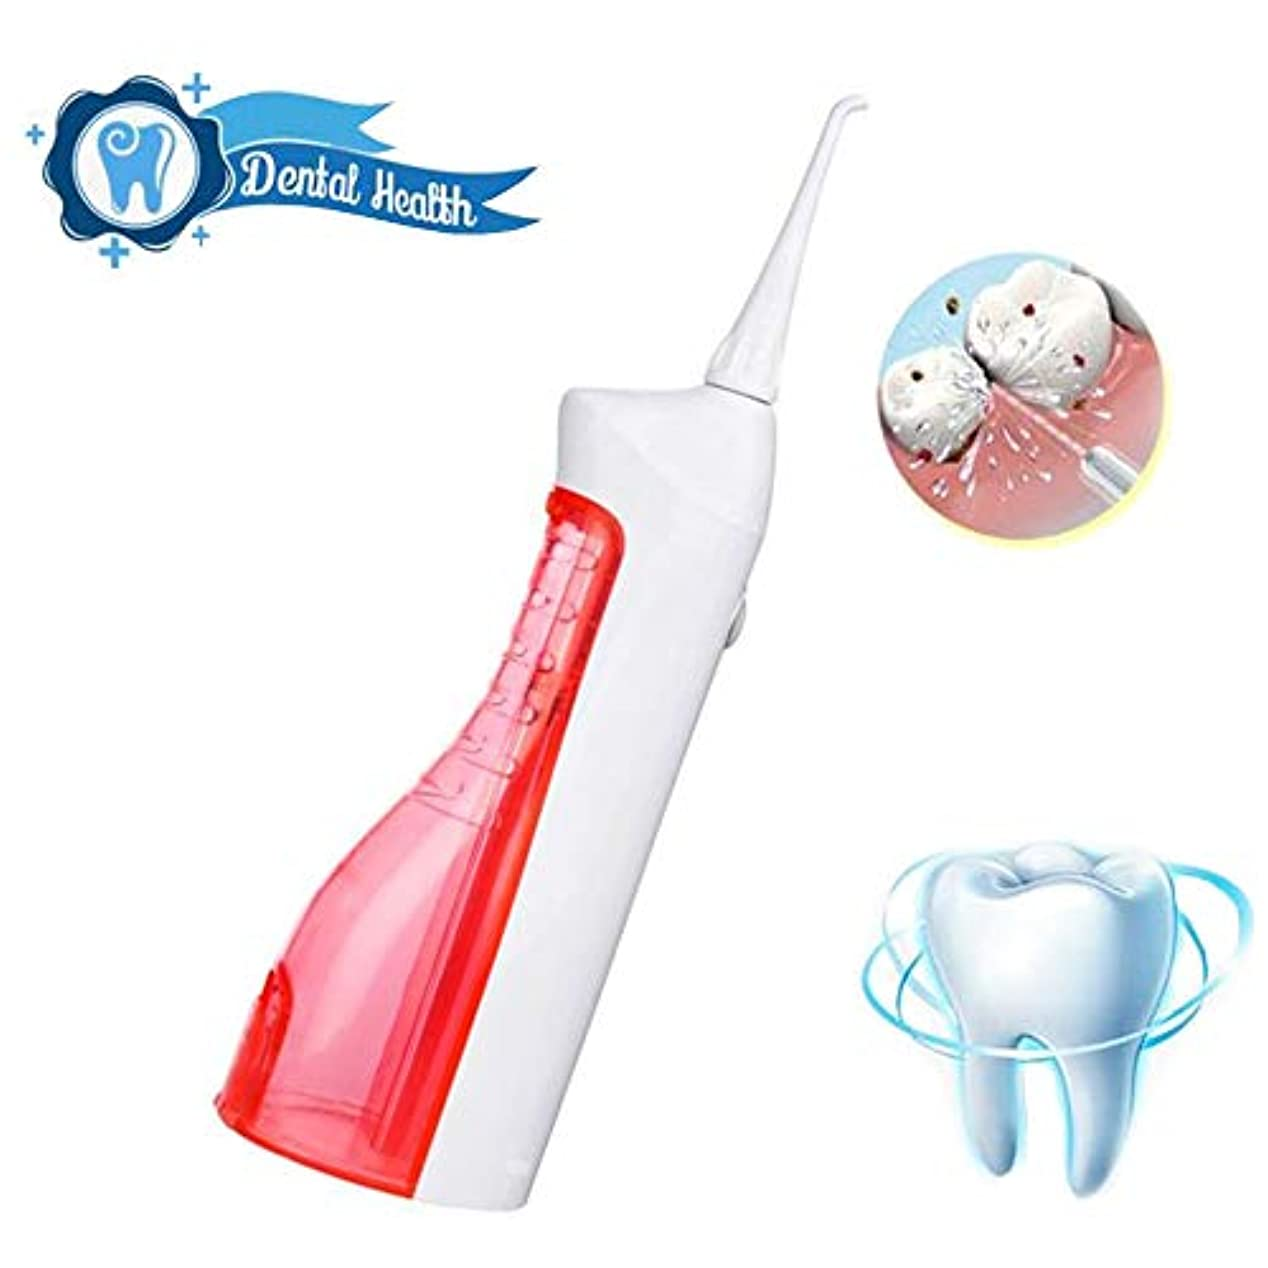 分布もっと愚か歯のためのウォーターフロッサー、ポータブルプロフェッショナルコードレス歯科口腔灌漑器(150mlタンク、2本のジェットチップ付き)歯磨き粉用クリーナー、2つのクリーニングモード、USB充電式、IPX7